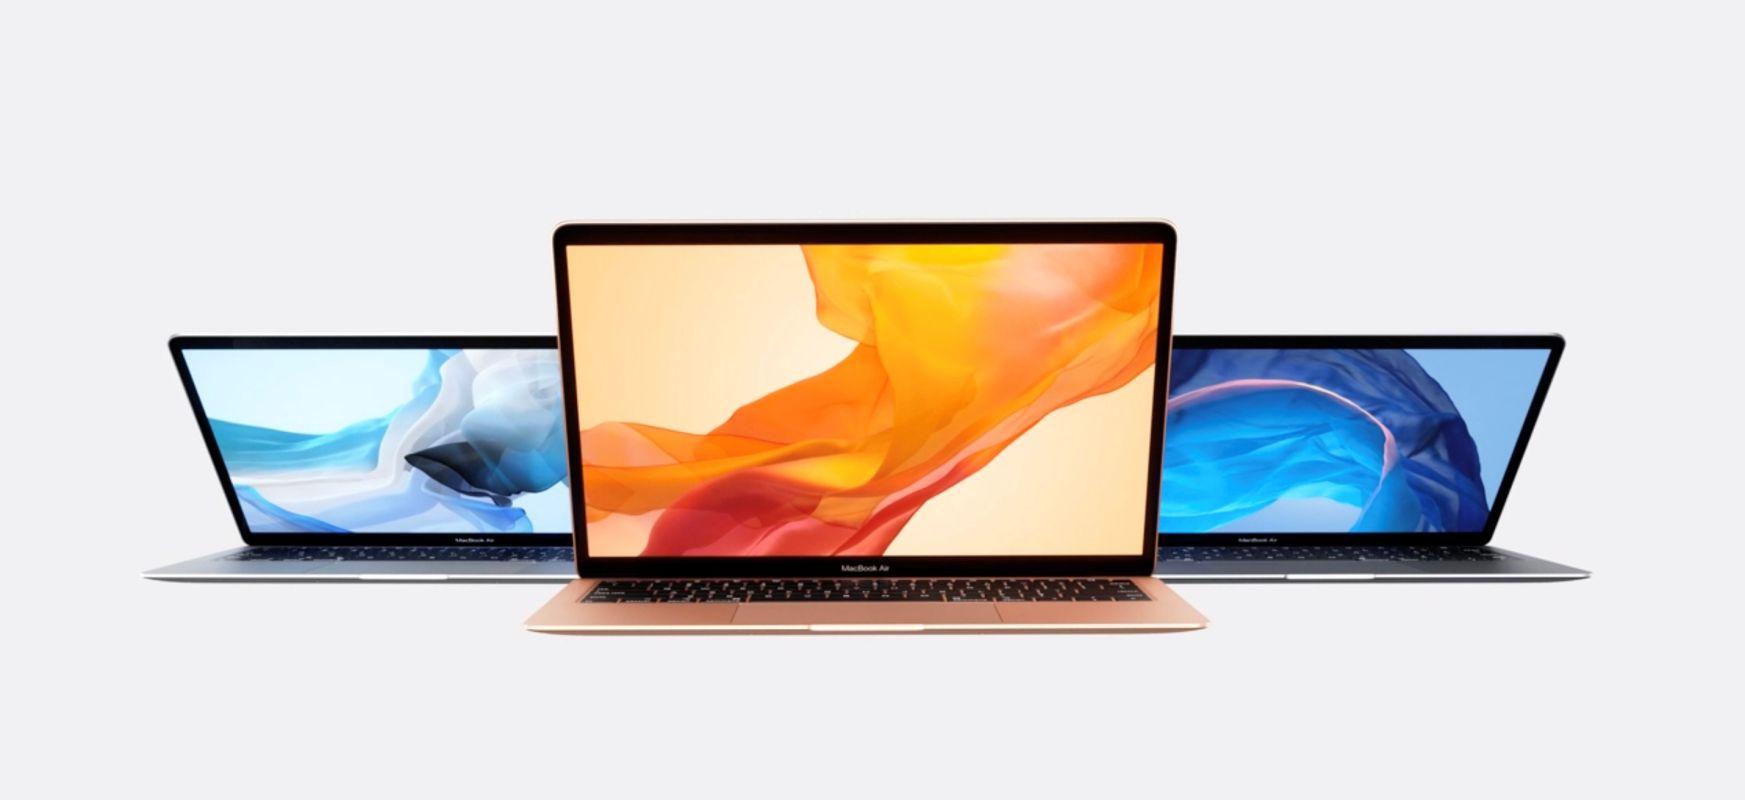 MacBook Air mundu osokoarekin alderatuta.  Ordenagailu eramangarri berriak merkatuan zer egingo duen egiaztatzen dugu Apple'eta